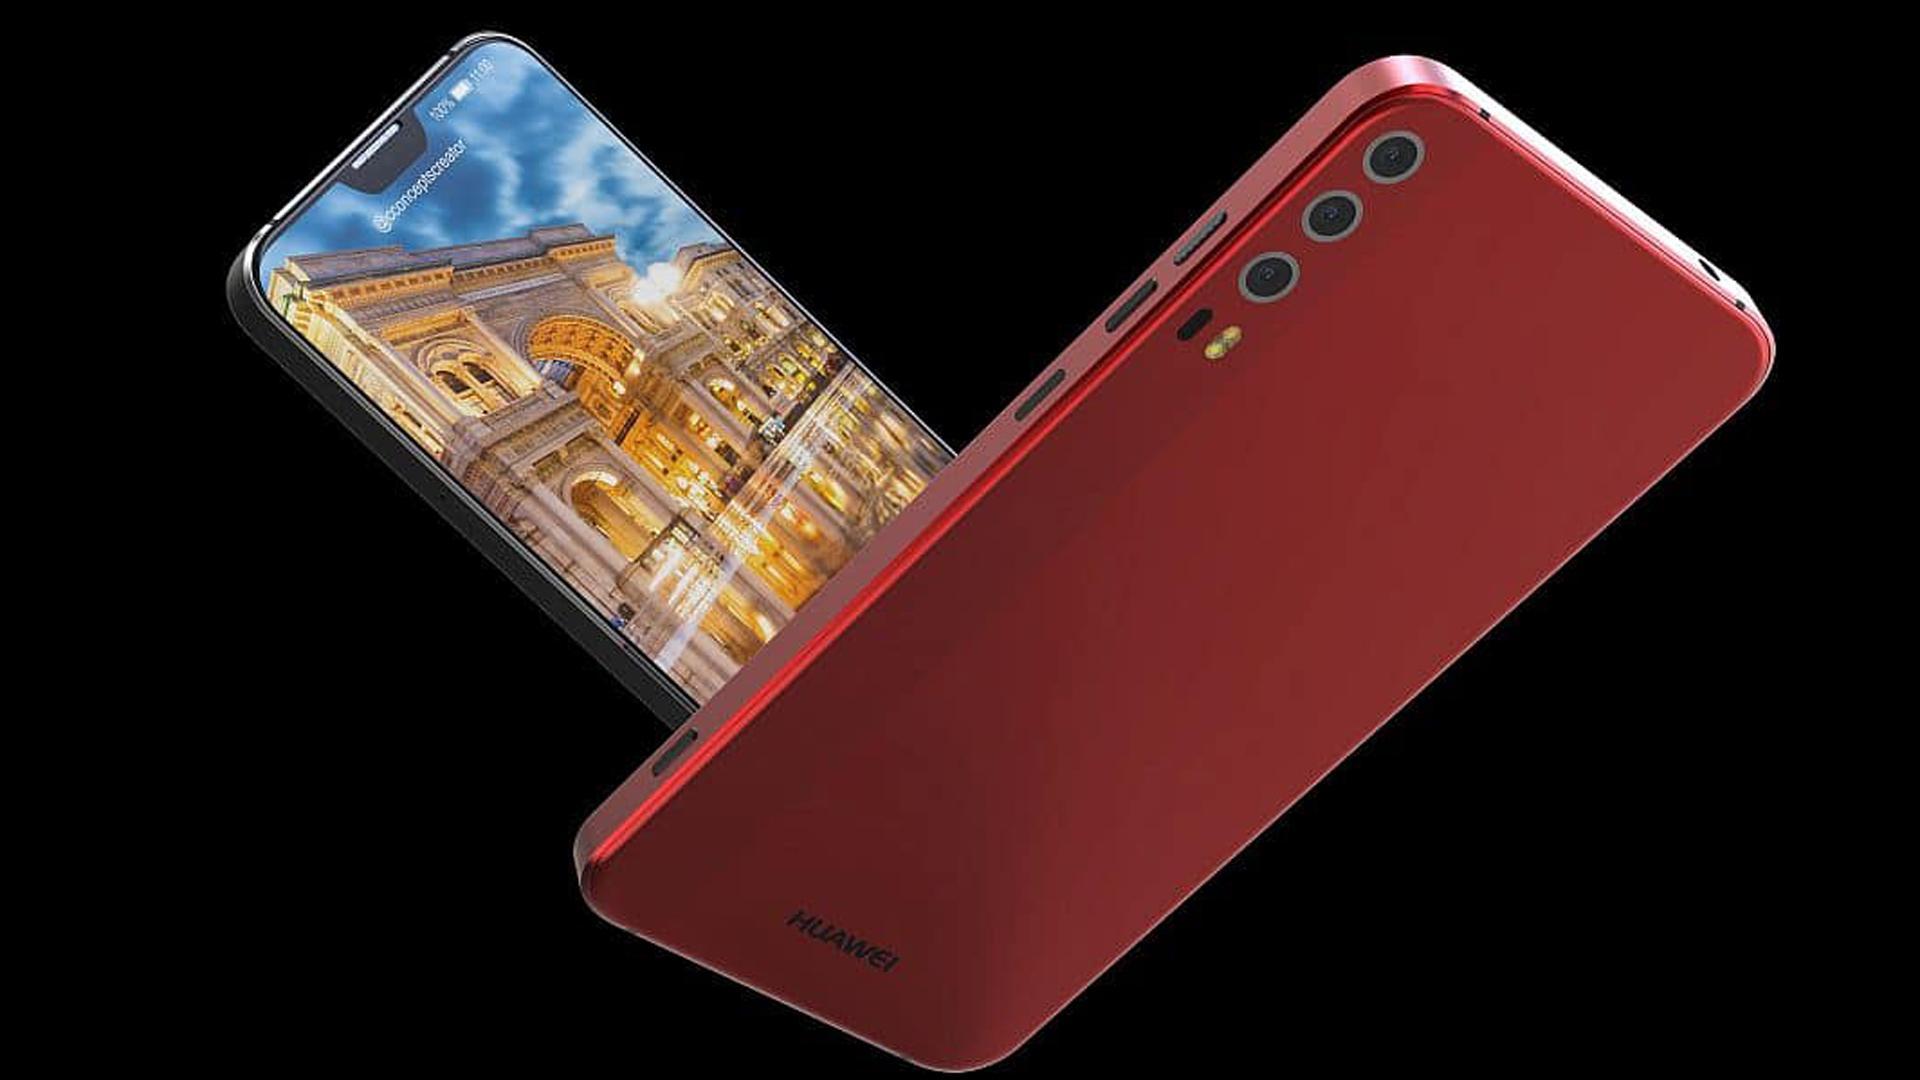 刘海比苹果iPhone X更小,华为P20公布发布时间!